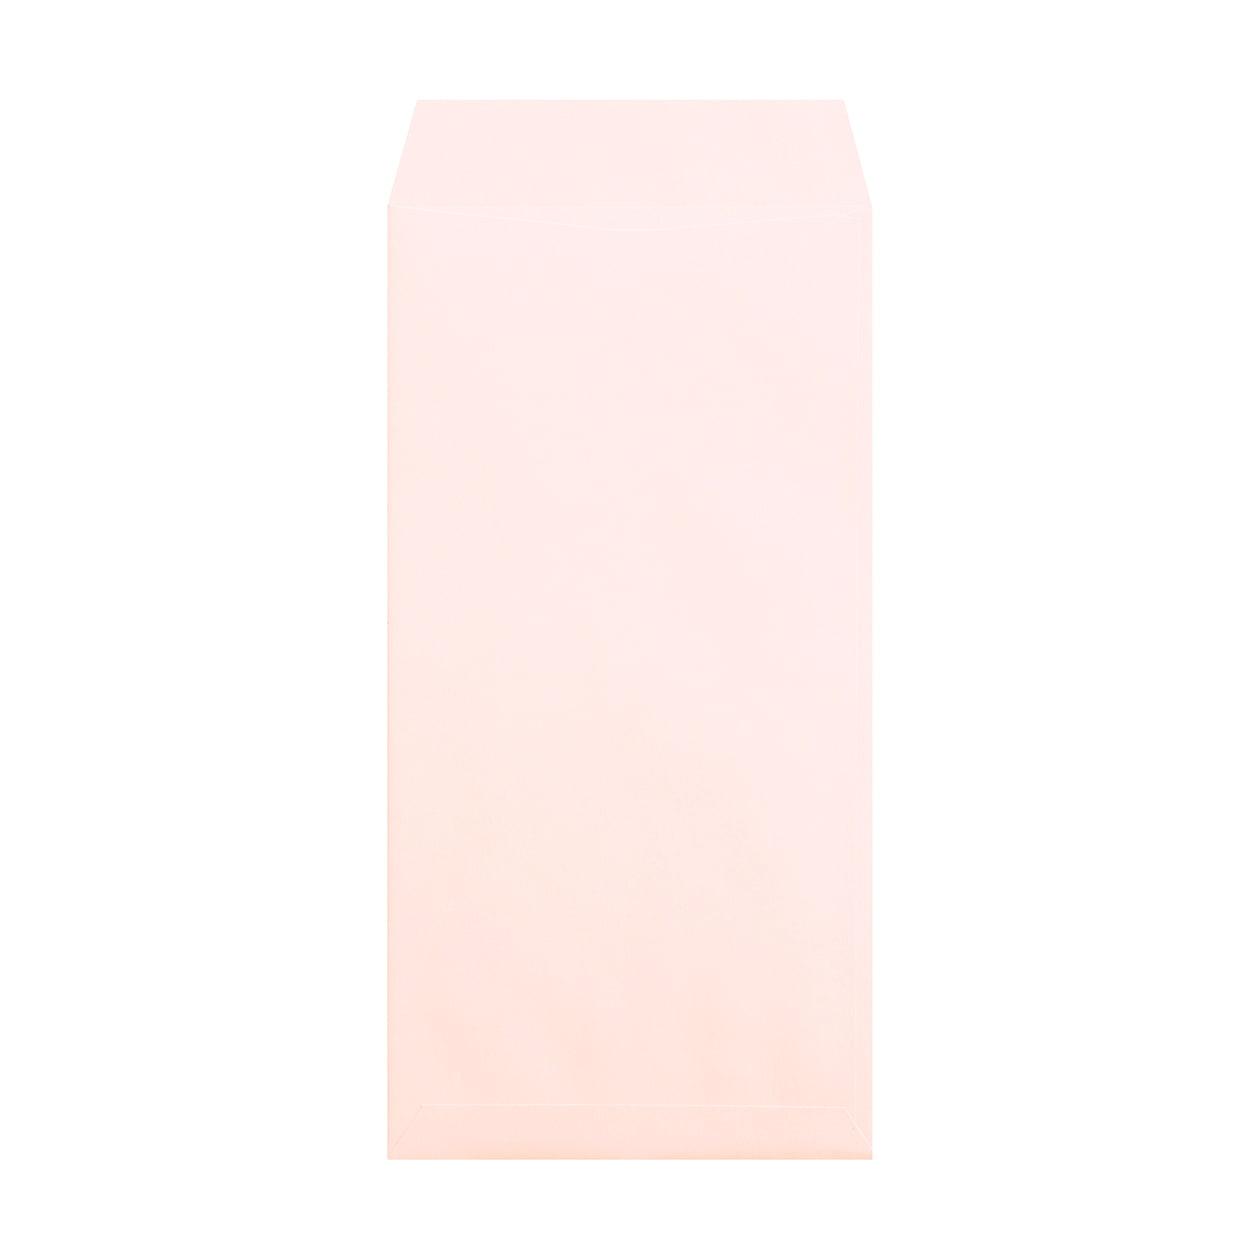 長3窓封筒 エコフレンドリーカラー さくらピンク 100g